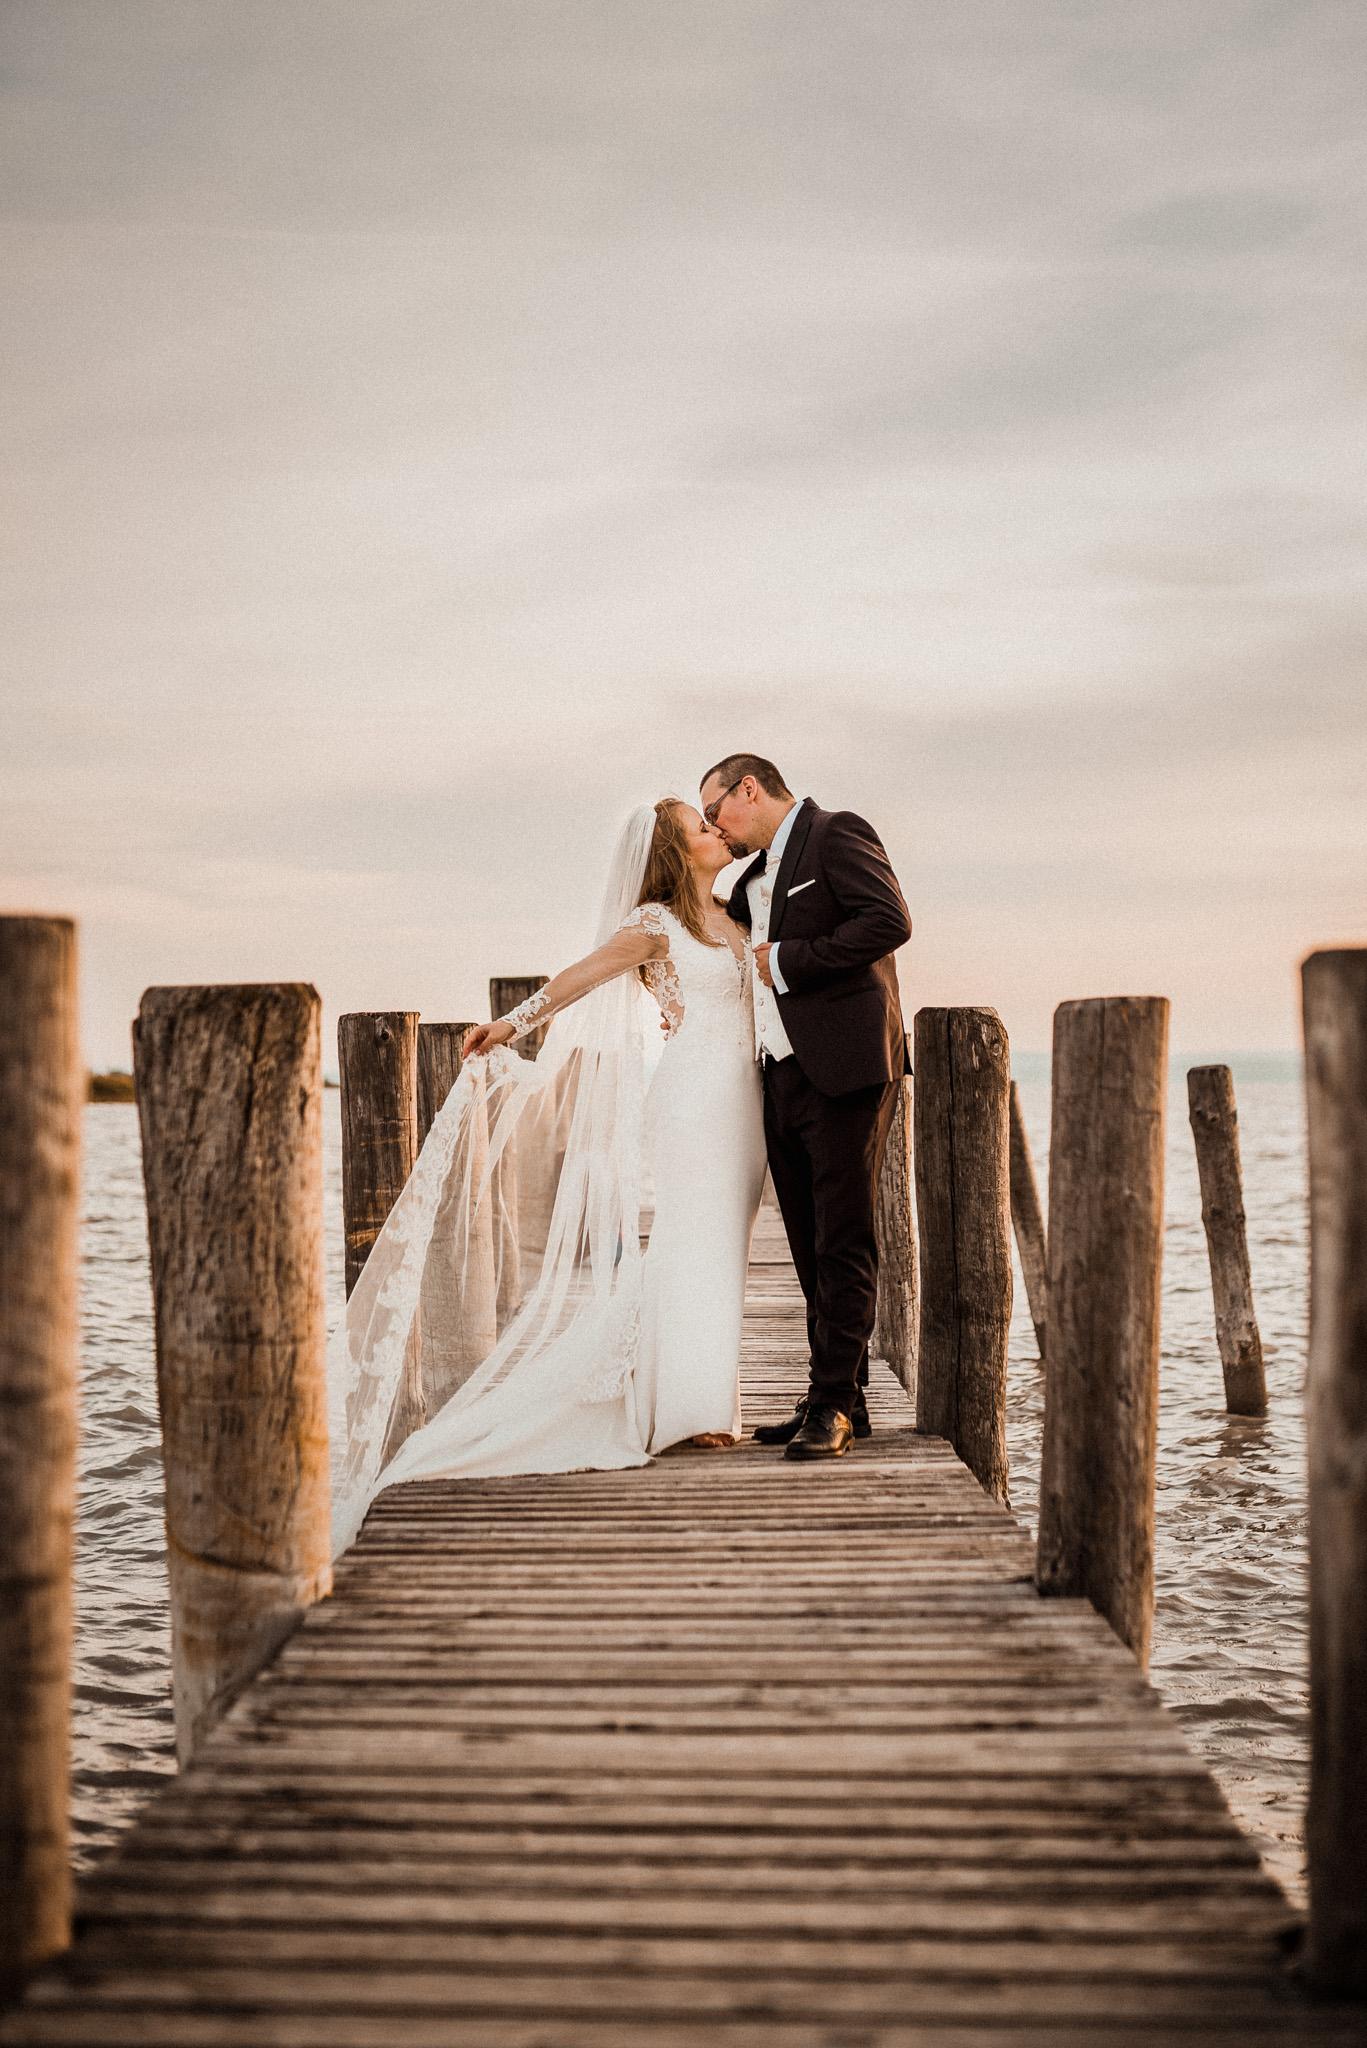 Podersdorf, Rakúsko, ženích, nevesta, maják, obloha, západ slnka, mólo, more, jazero, voda, láska, romantická foto